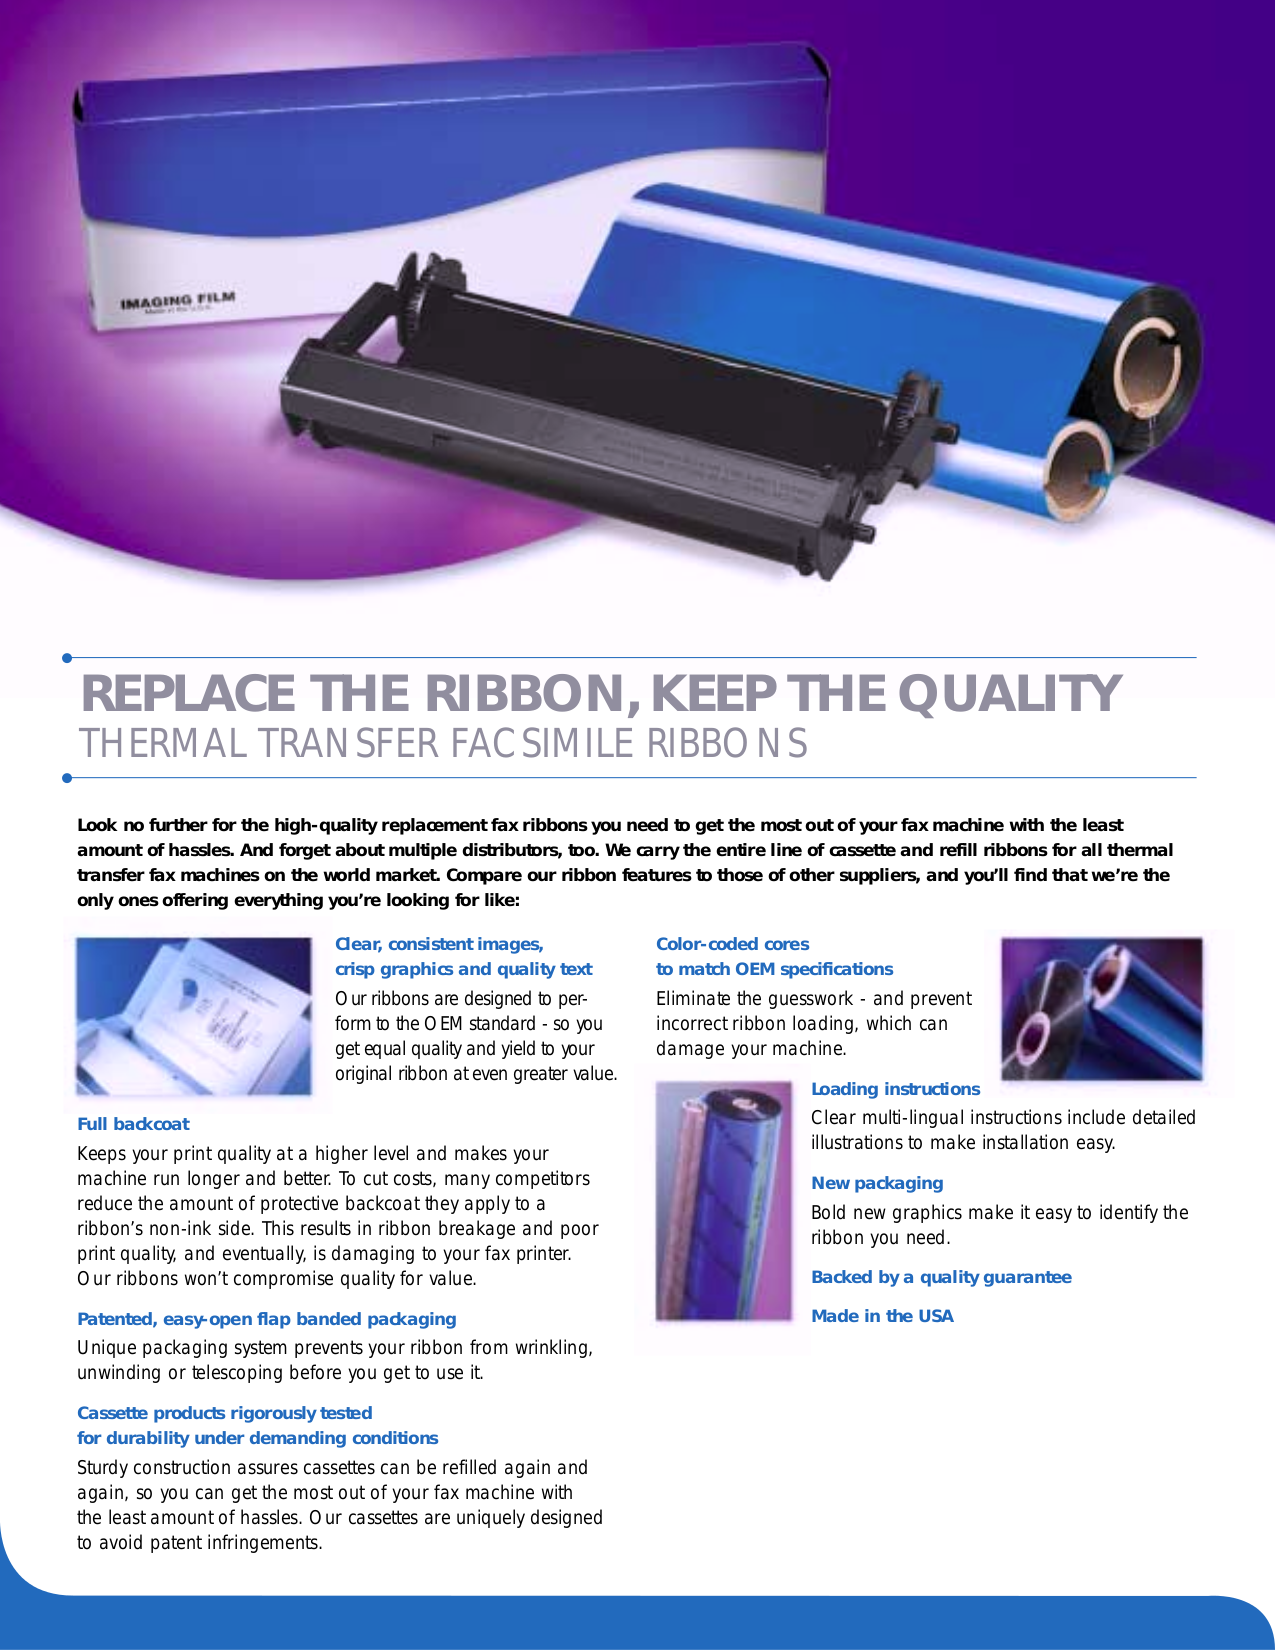 download free pdf for panasonic kx fhd331 fax machine manual rh umlib com Panasonic Kx Fhd331 Cartridge Panasonic Kx Fhd331 Cartridge